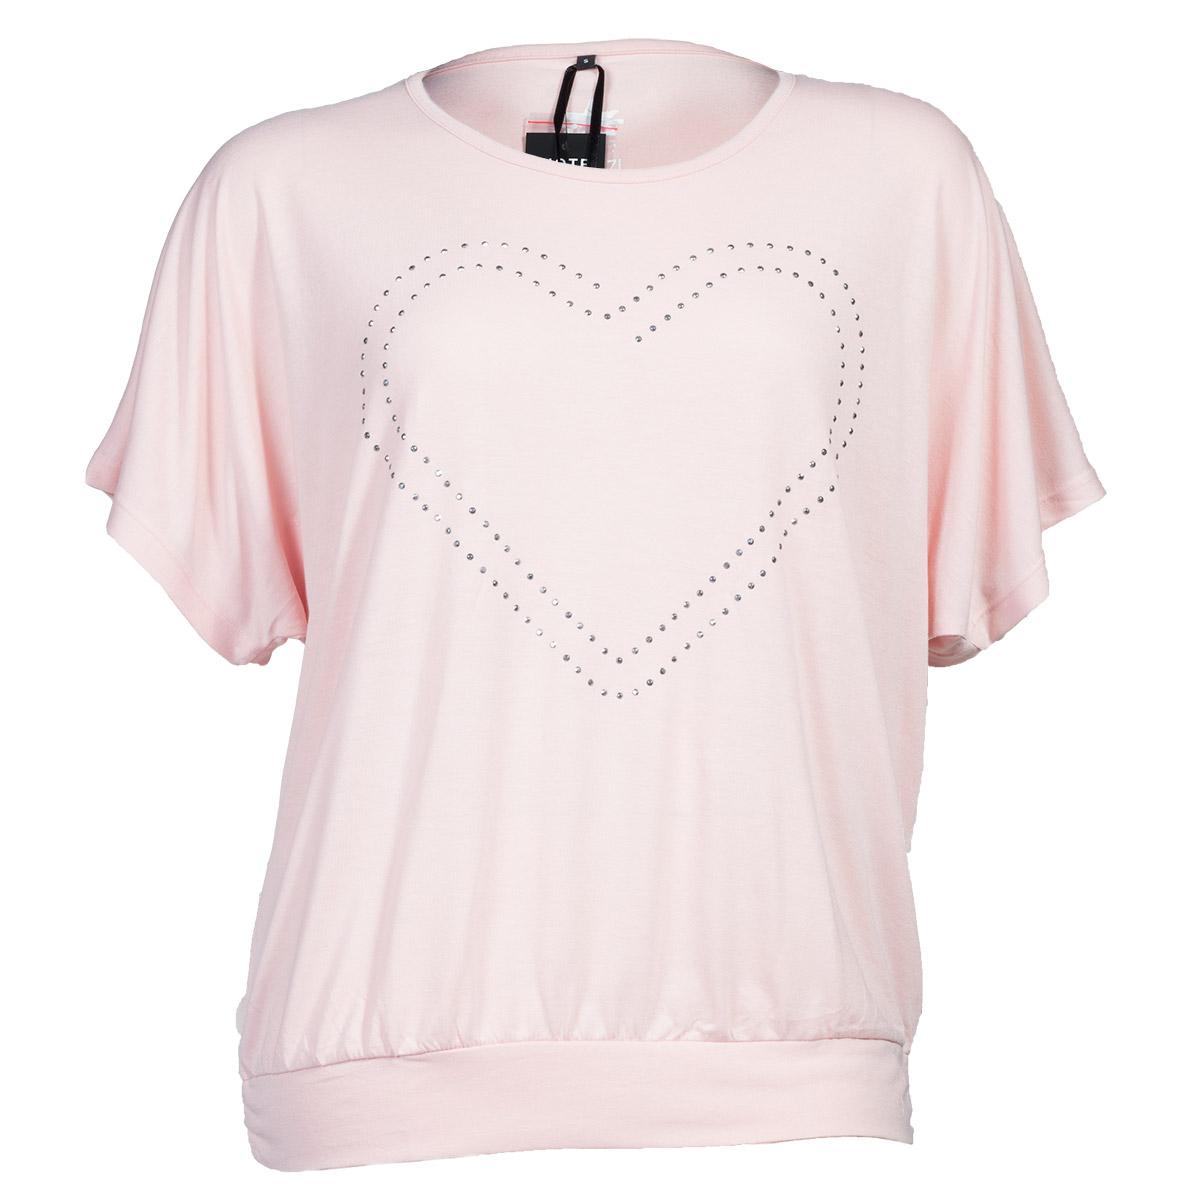 Lyserød t-shirt med hjerte